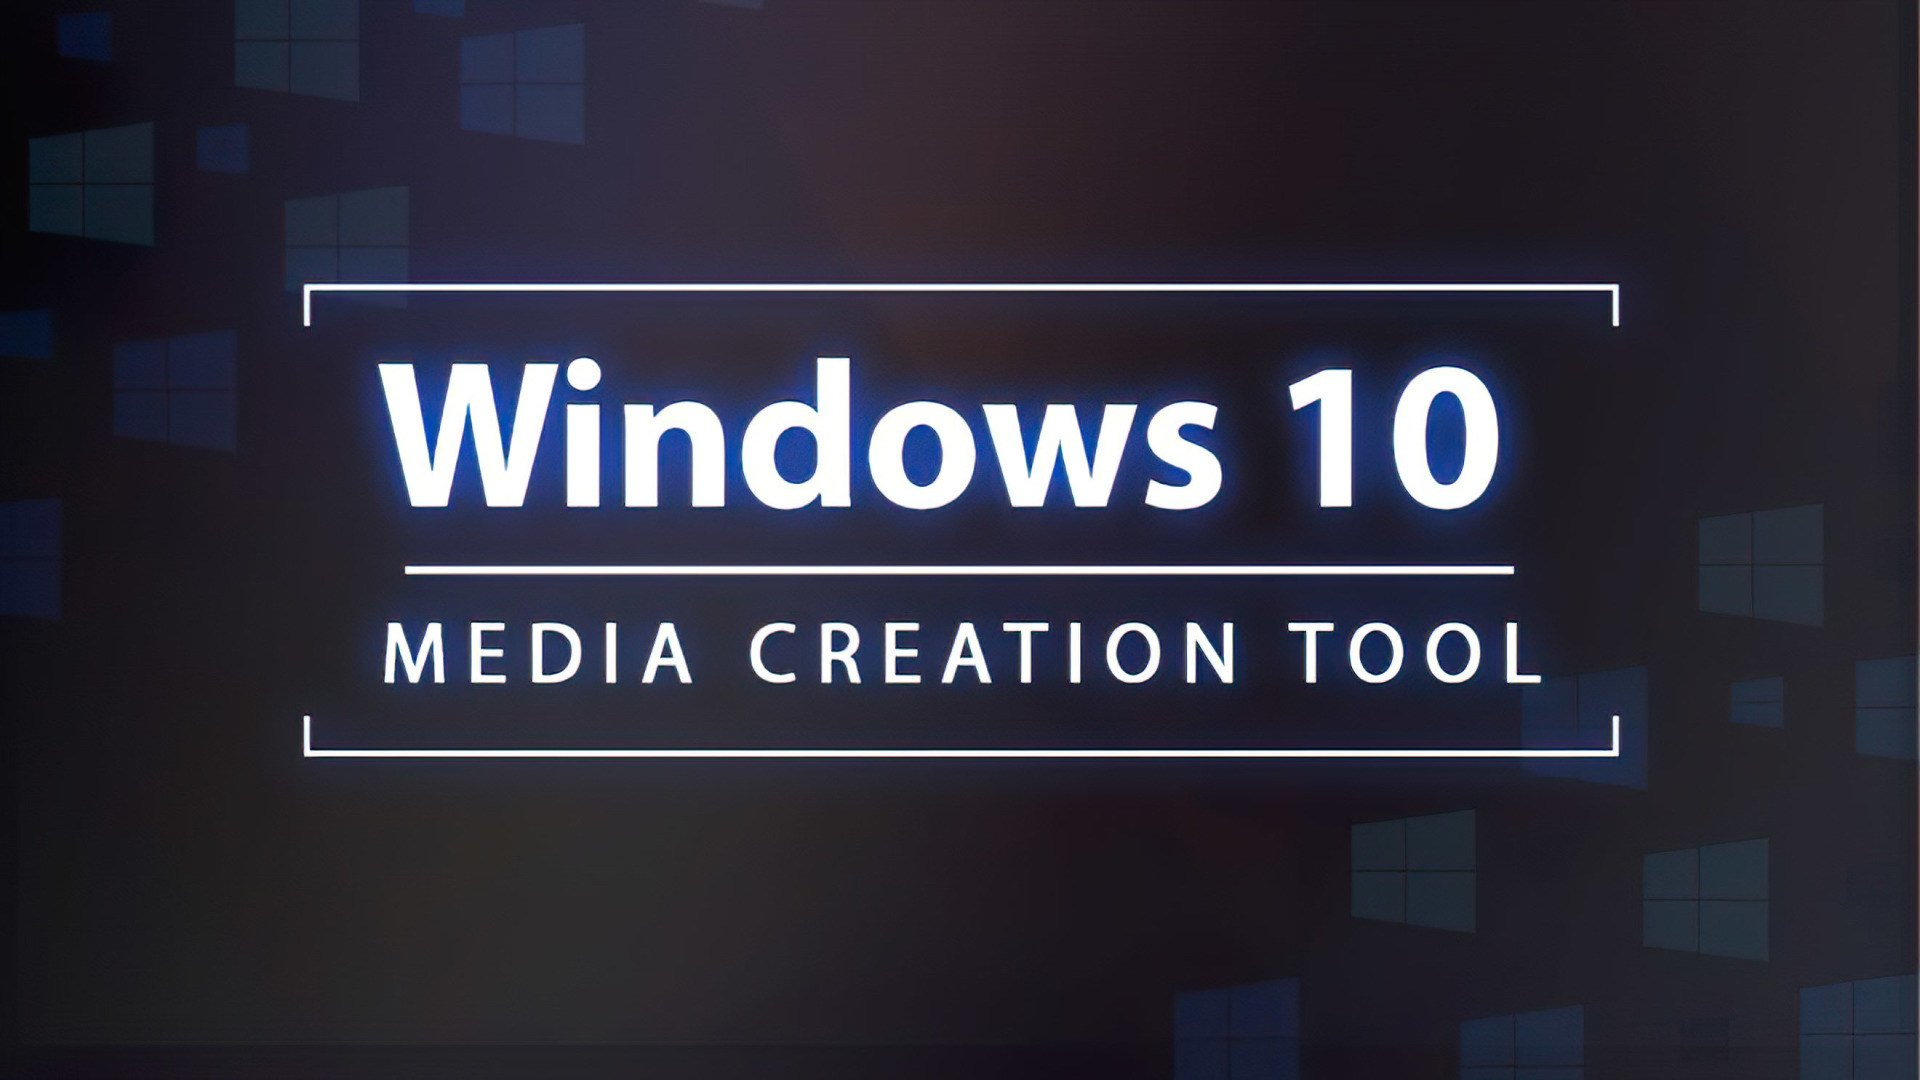 Windows 10, Media Creation Tool, MCT